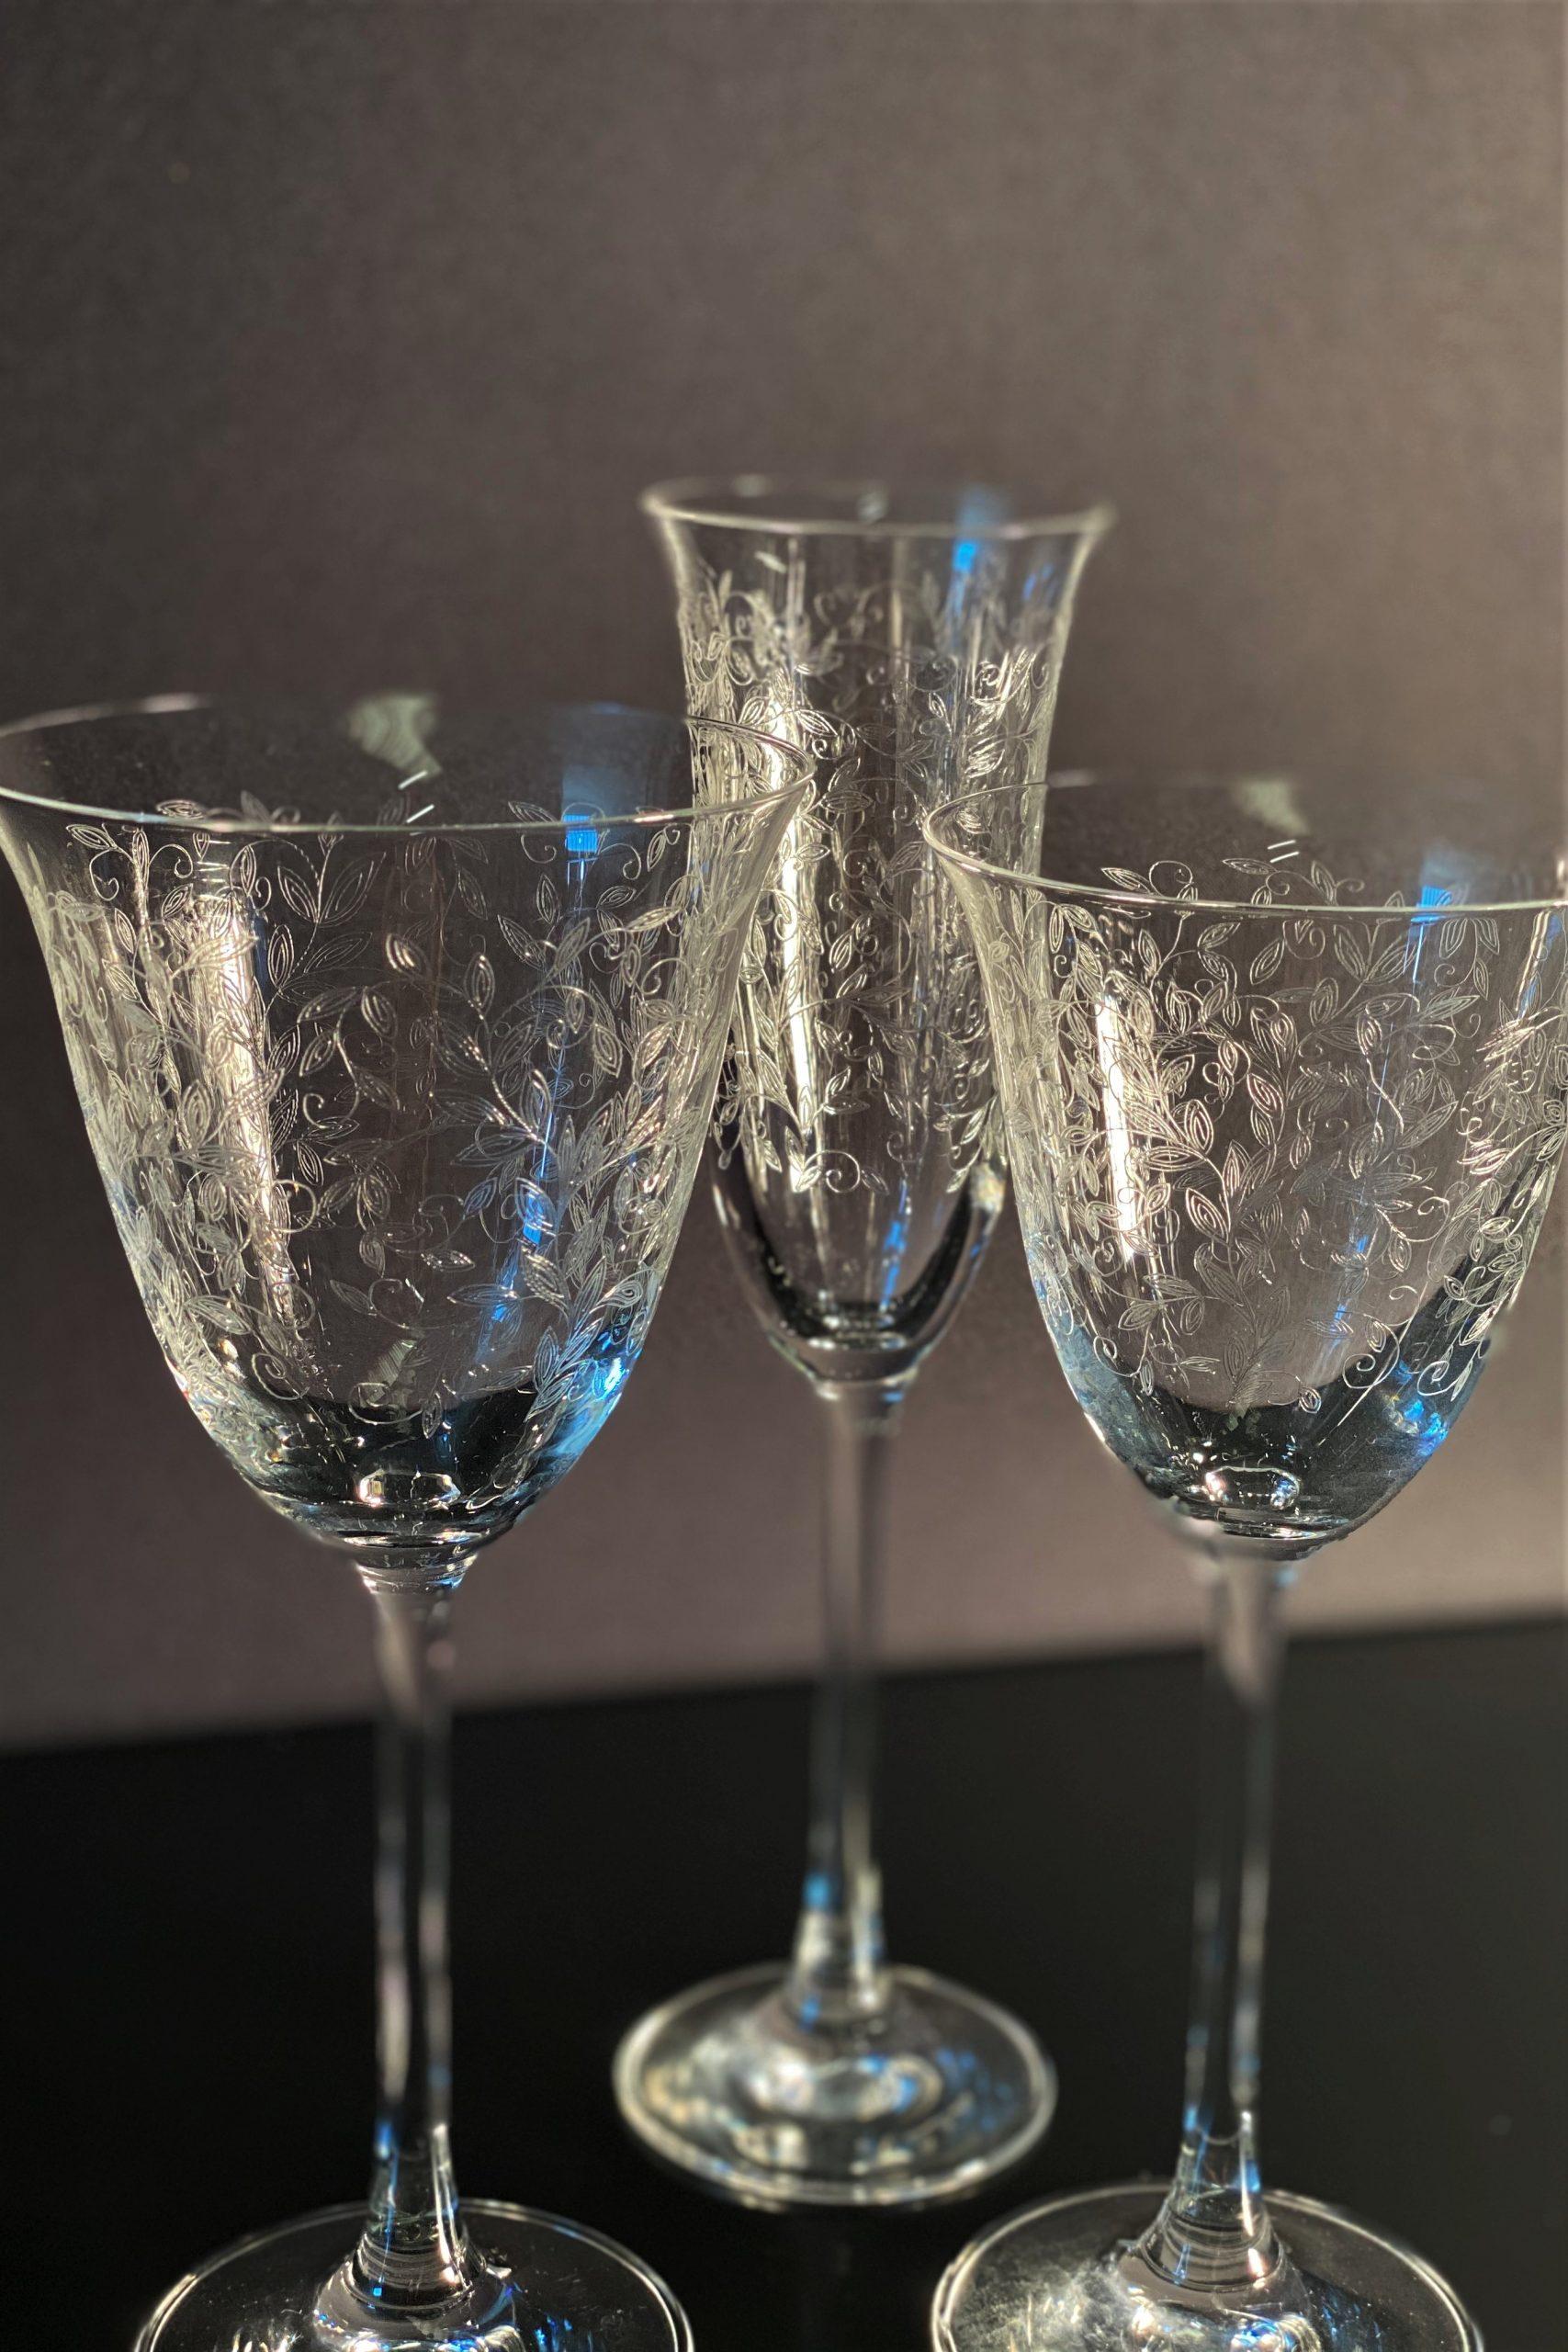 Noleggio bicchieri a Milano